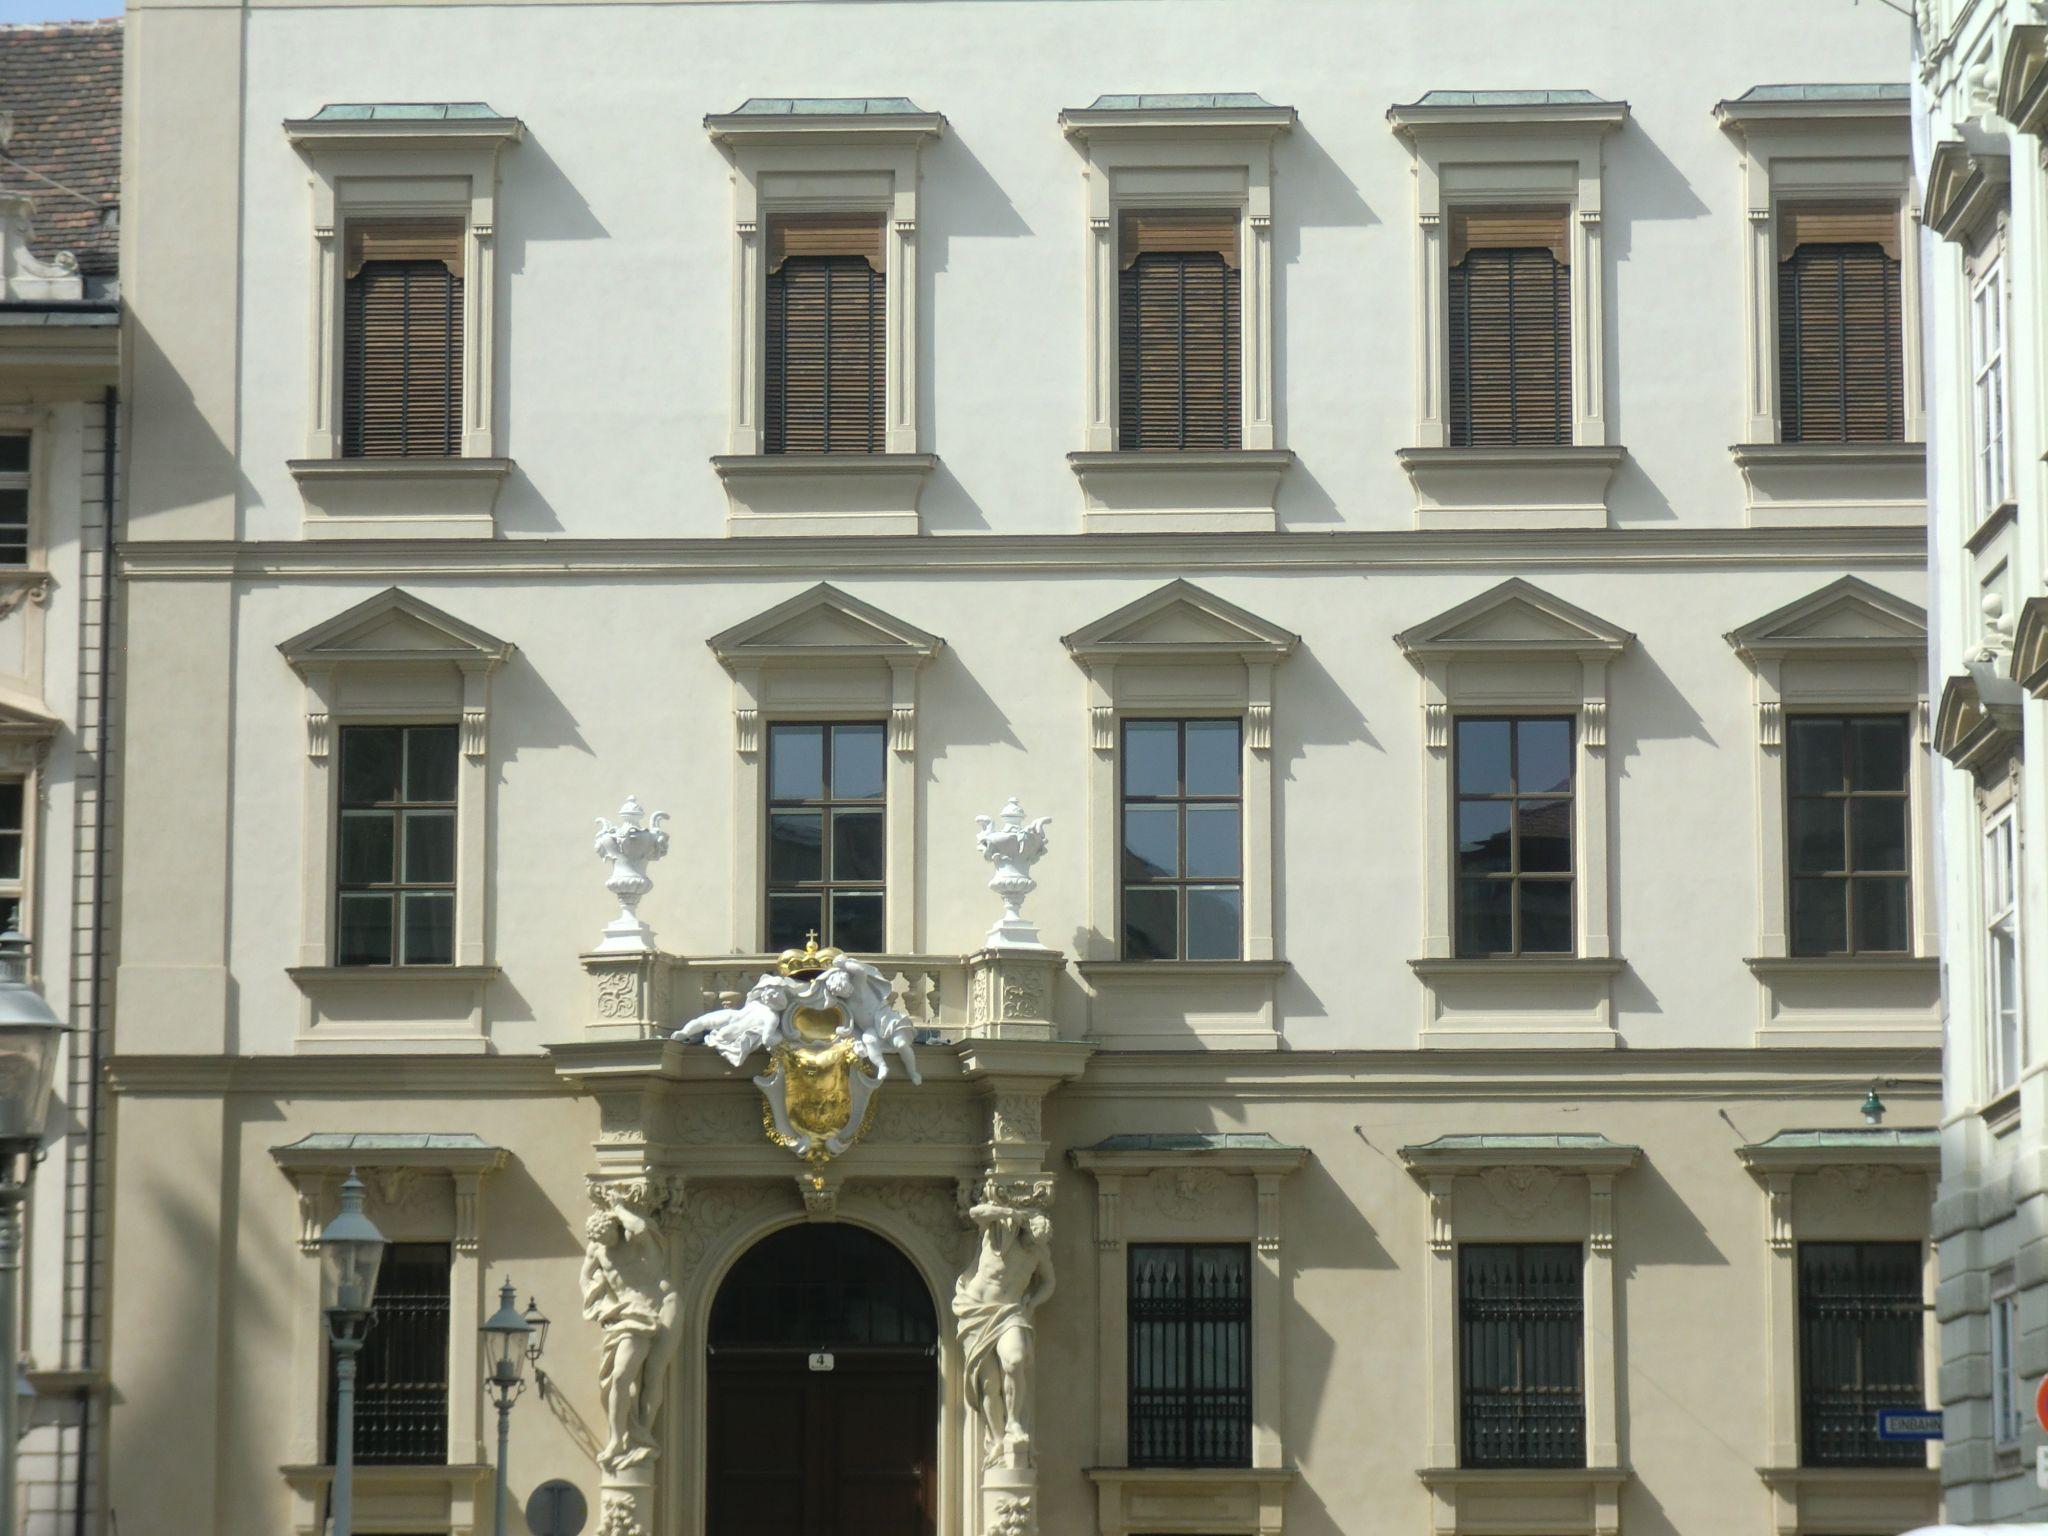 Vienna architecture 11 1440x1080 - Vienna: elegant beauty